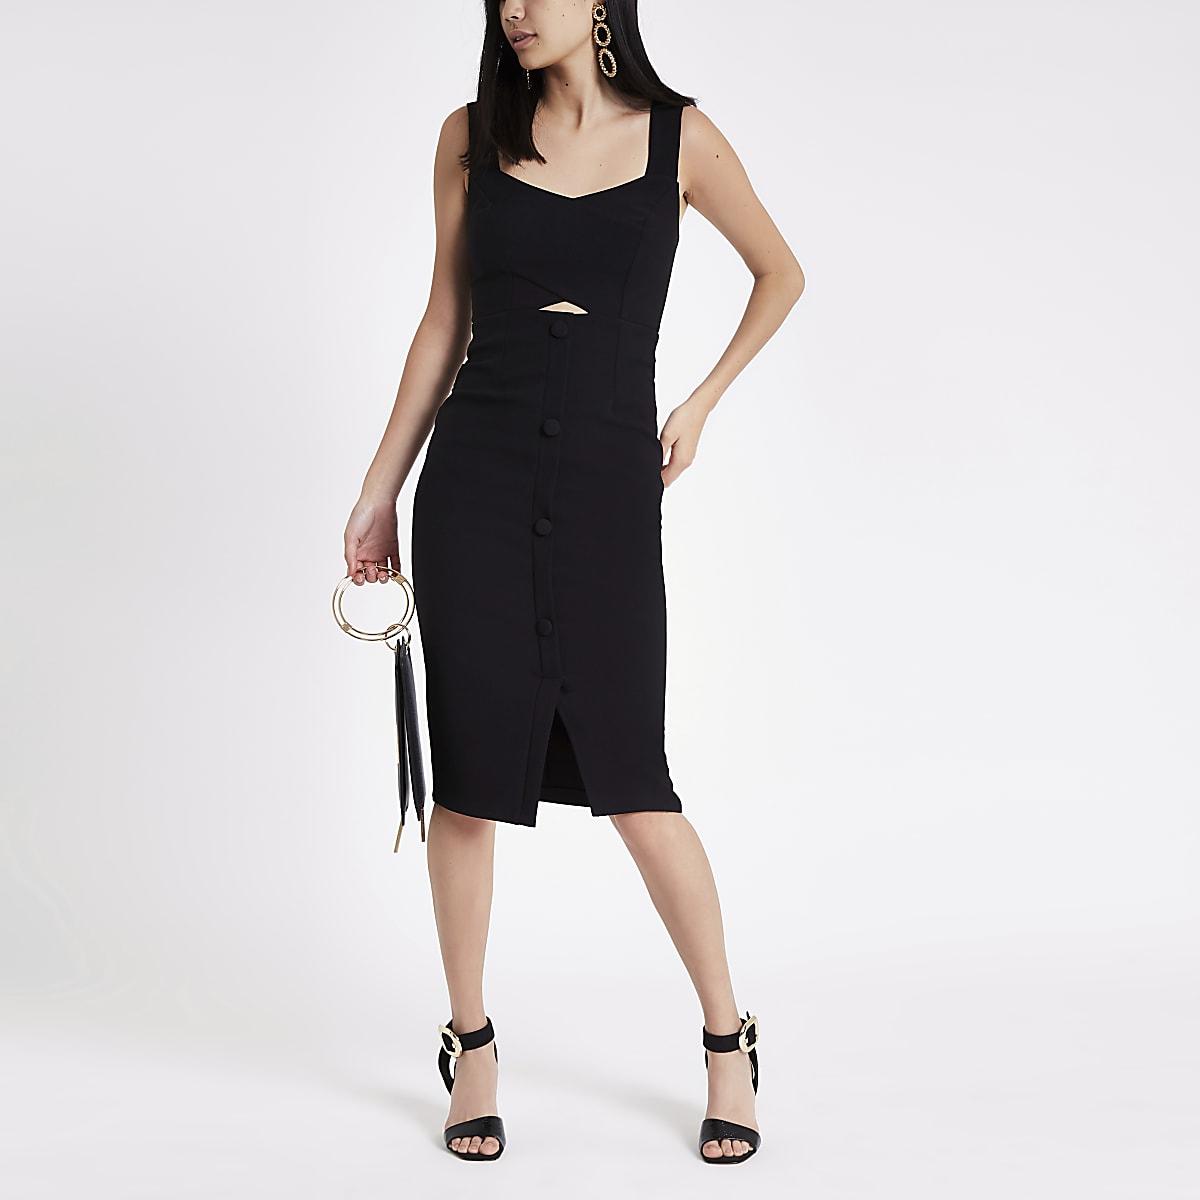 Robe moulante mi-longue noire boutonnée sur le devant